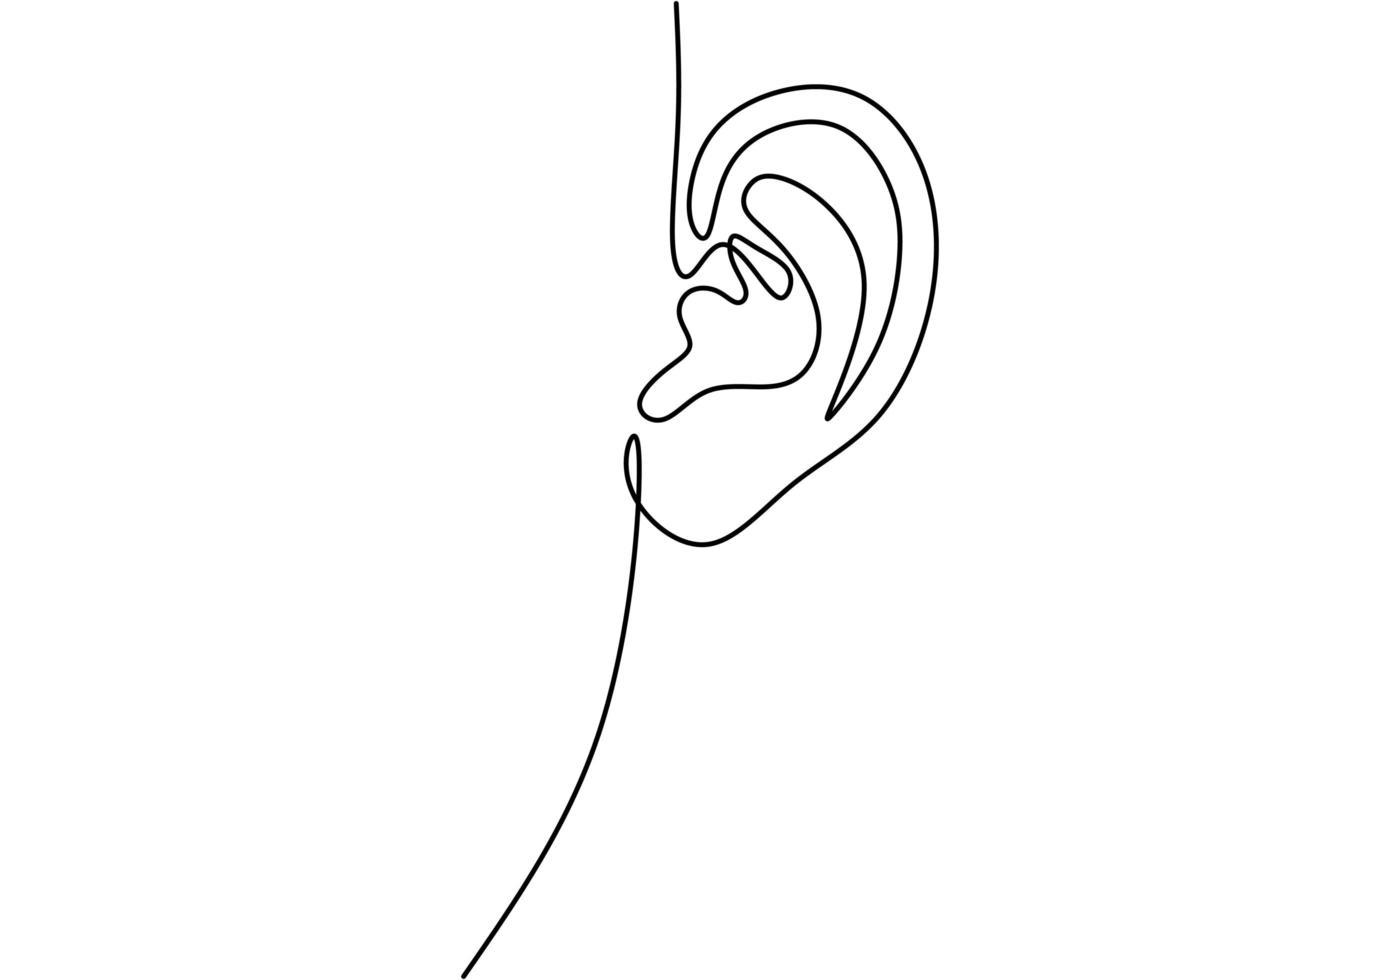 dessinant une ligne continue de l'oreille humaine. journée mondiale des sourds simple croquis d'une seule ligne. vecteur